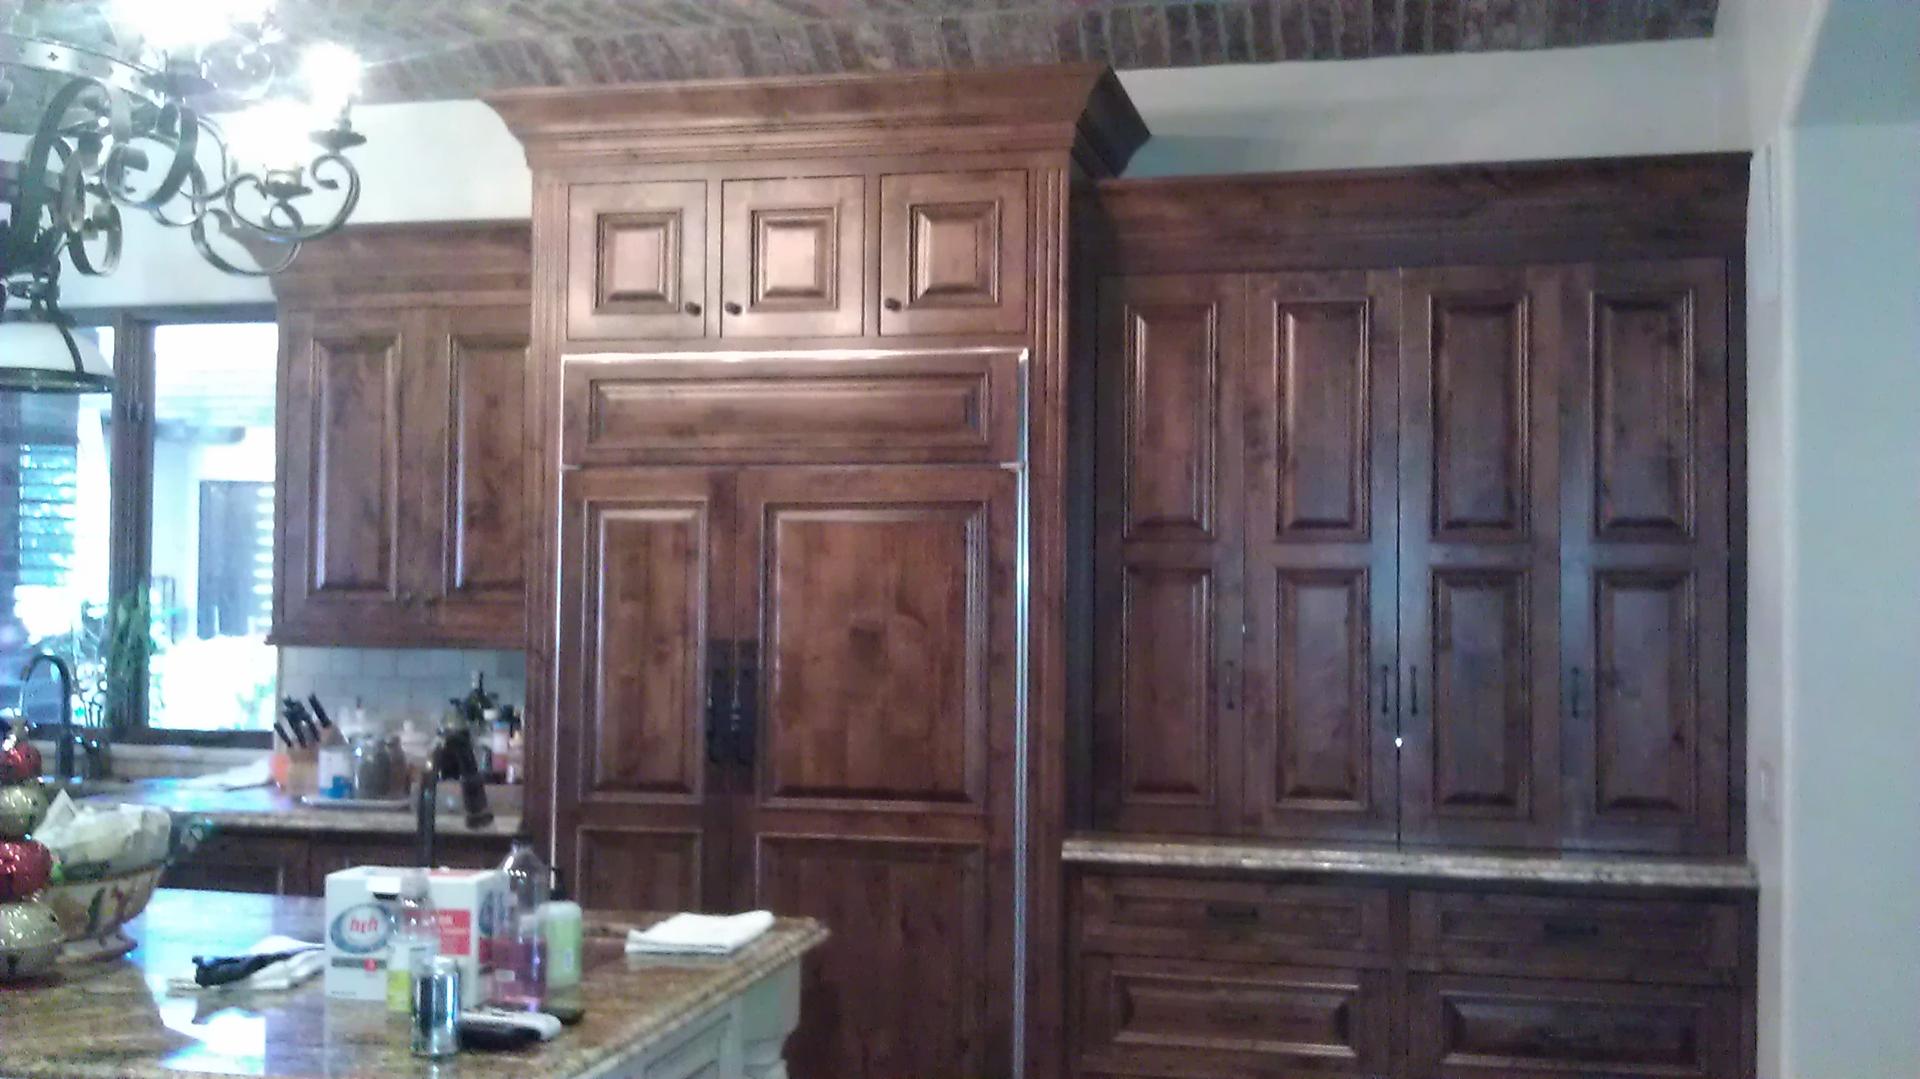 willbanks kitchen design kitchen remodel las vegas Bills Kitchen Our